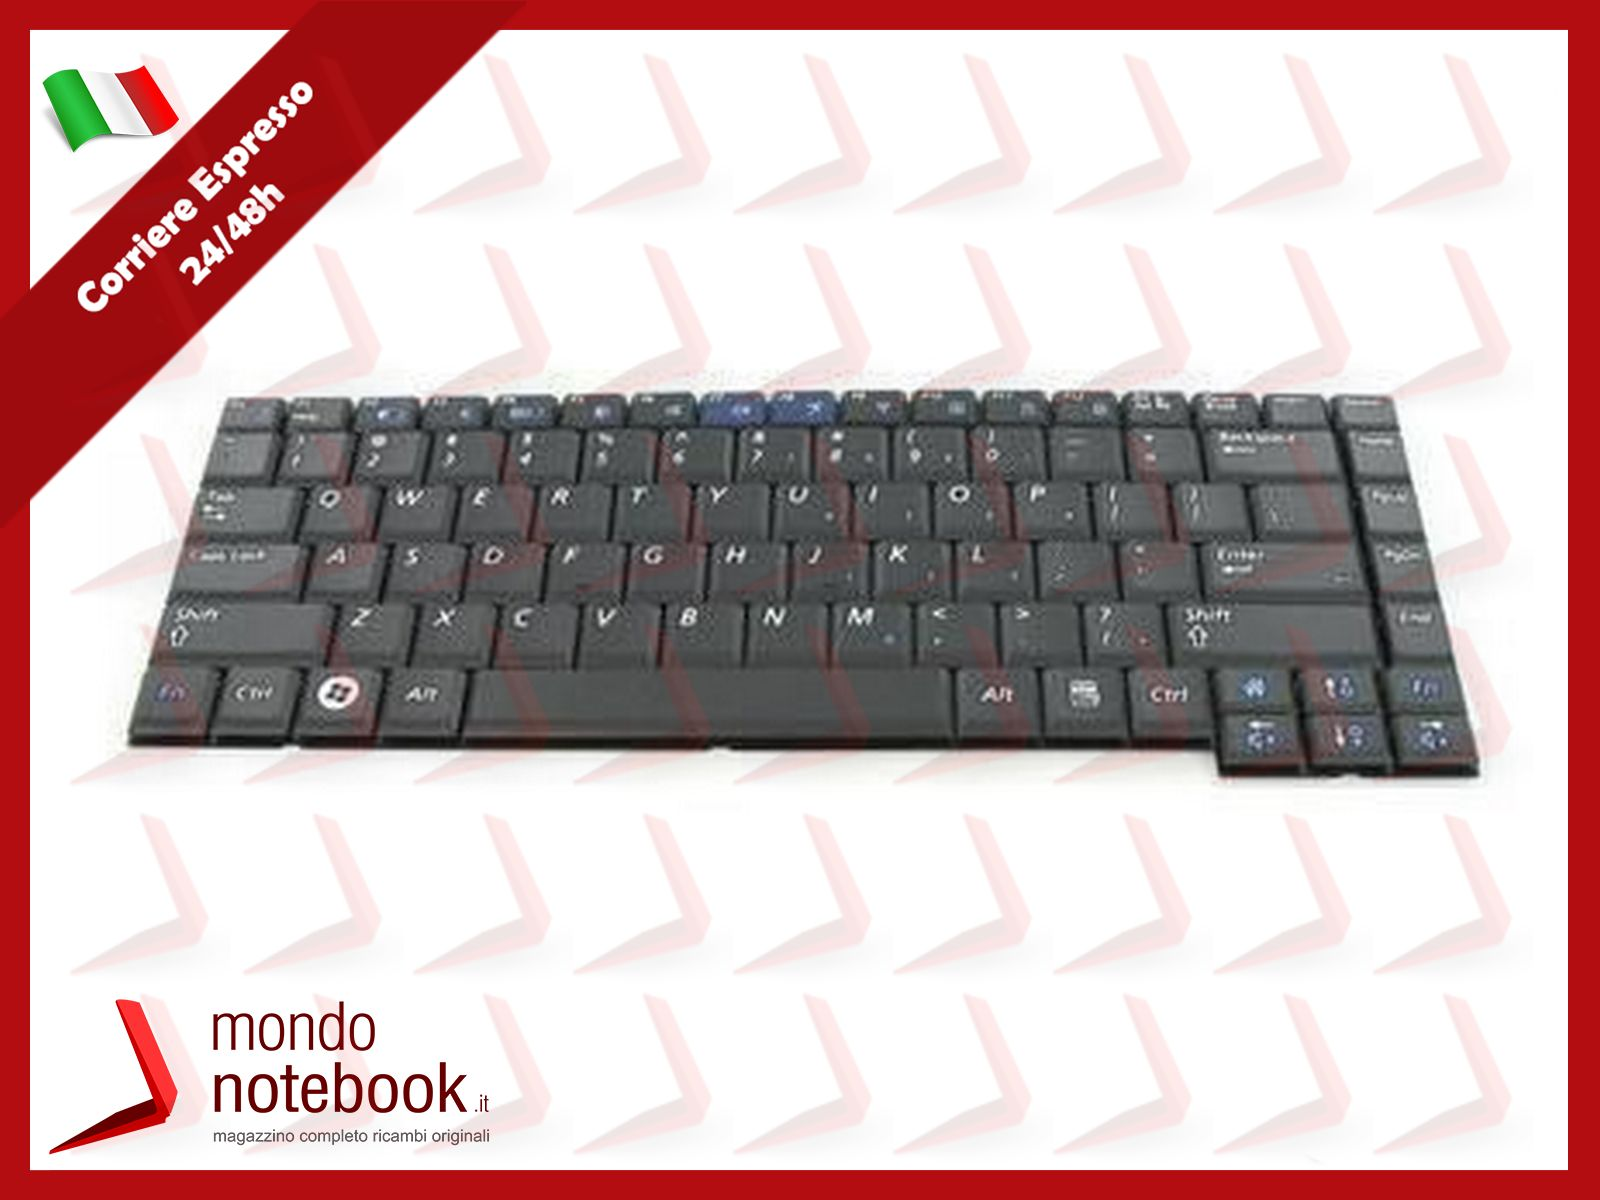 https://www.mondonotebook.it/10917/tastiera-notebook-toshiba-satellite-portege-r630-r700-r730-r830-r835-r930-senza-frame.jpg